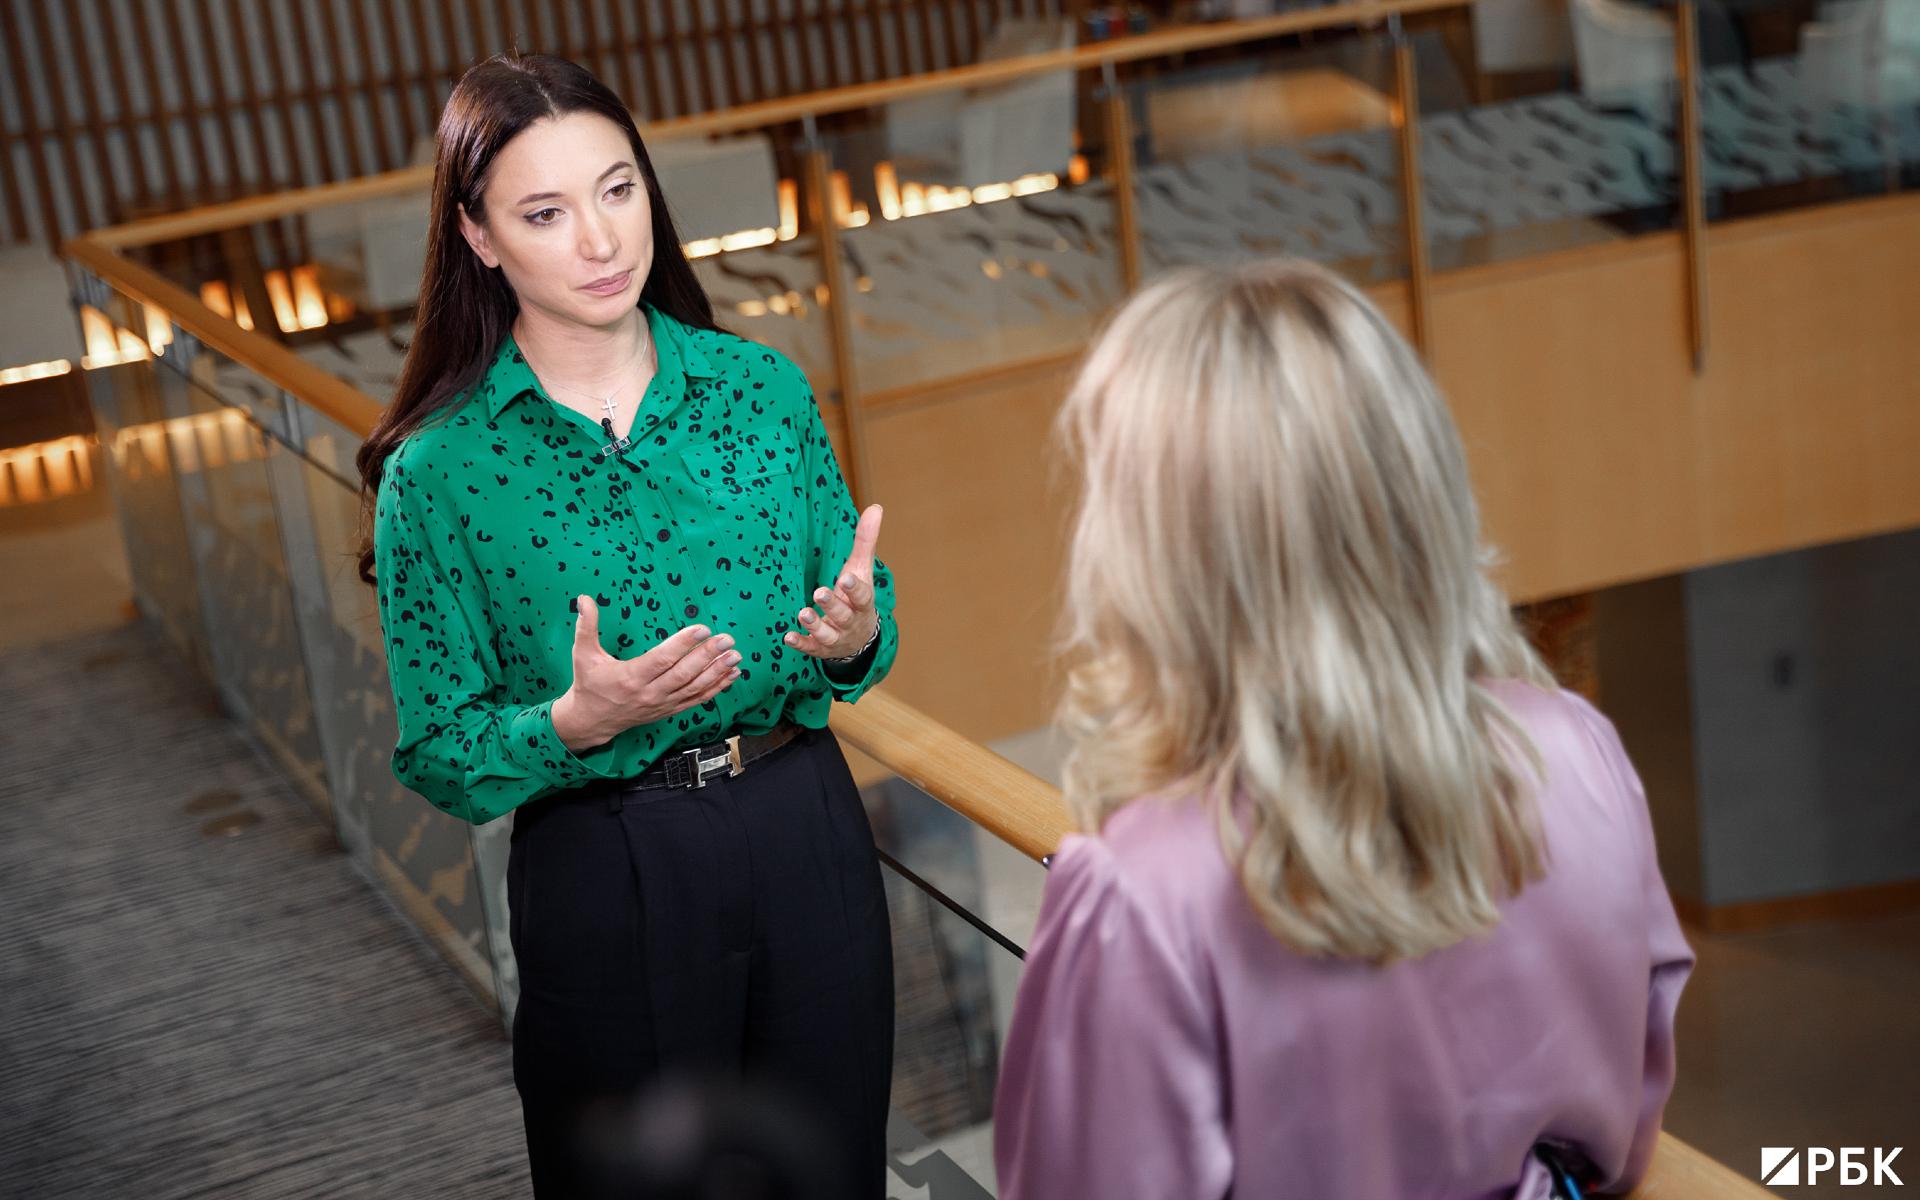 Елизавета Севастьянова, коммерческий директор Tekta Group